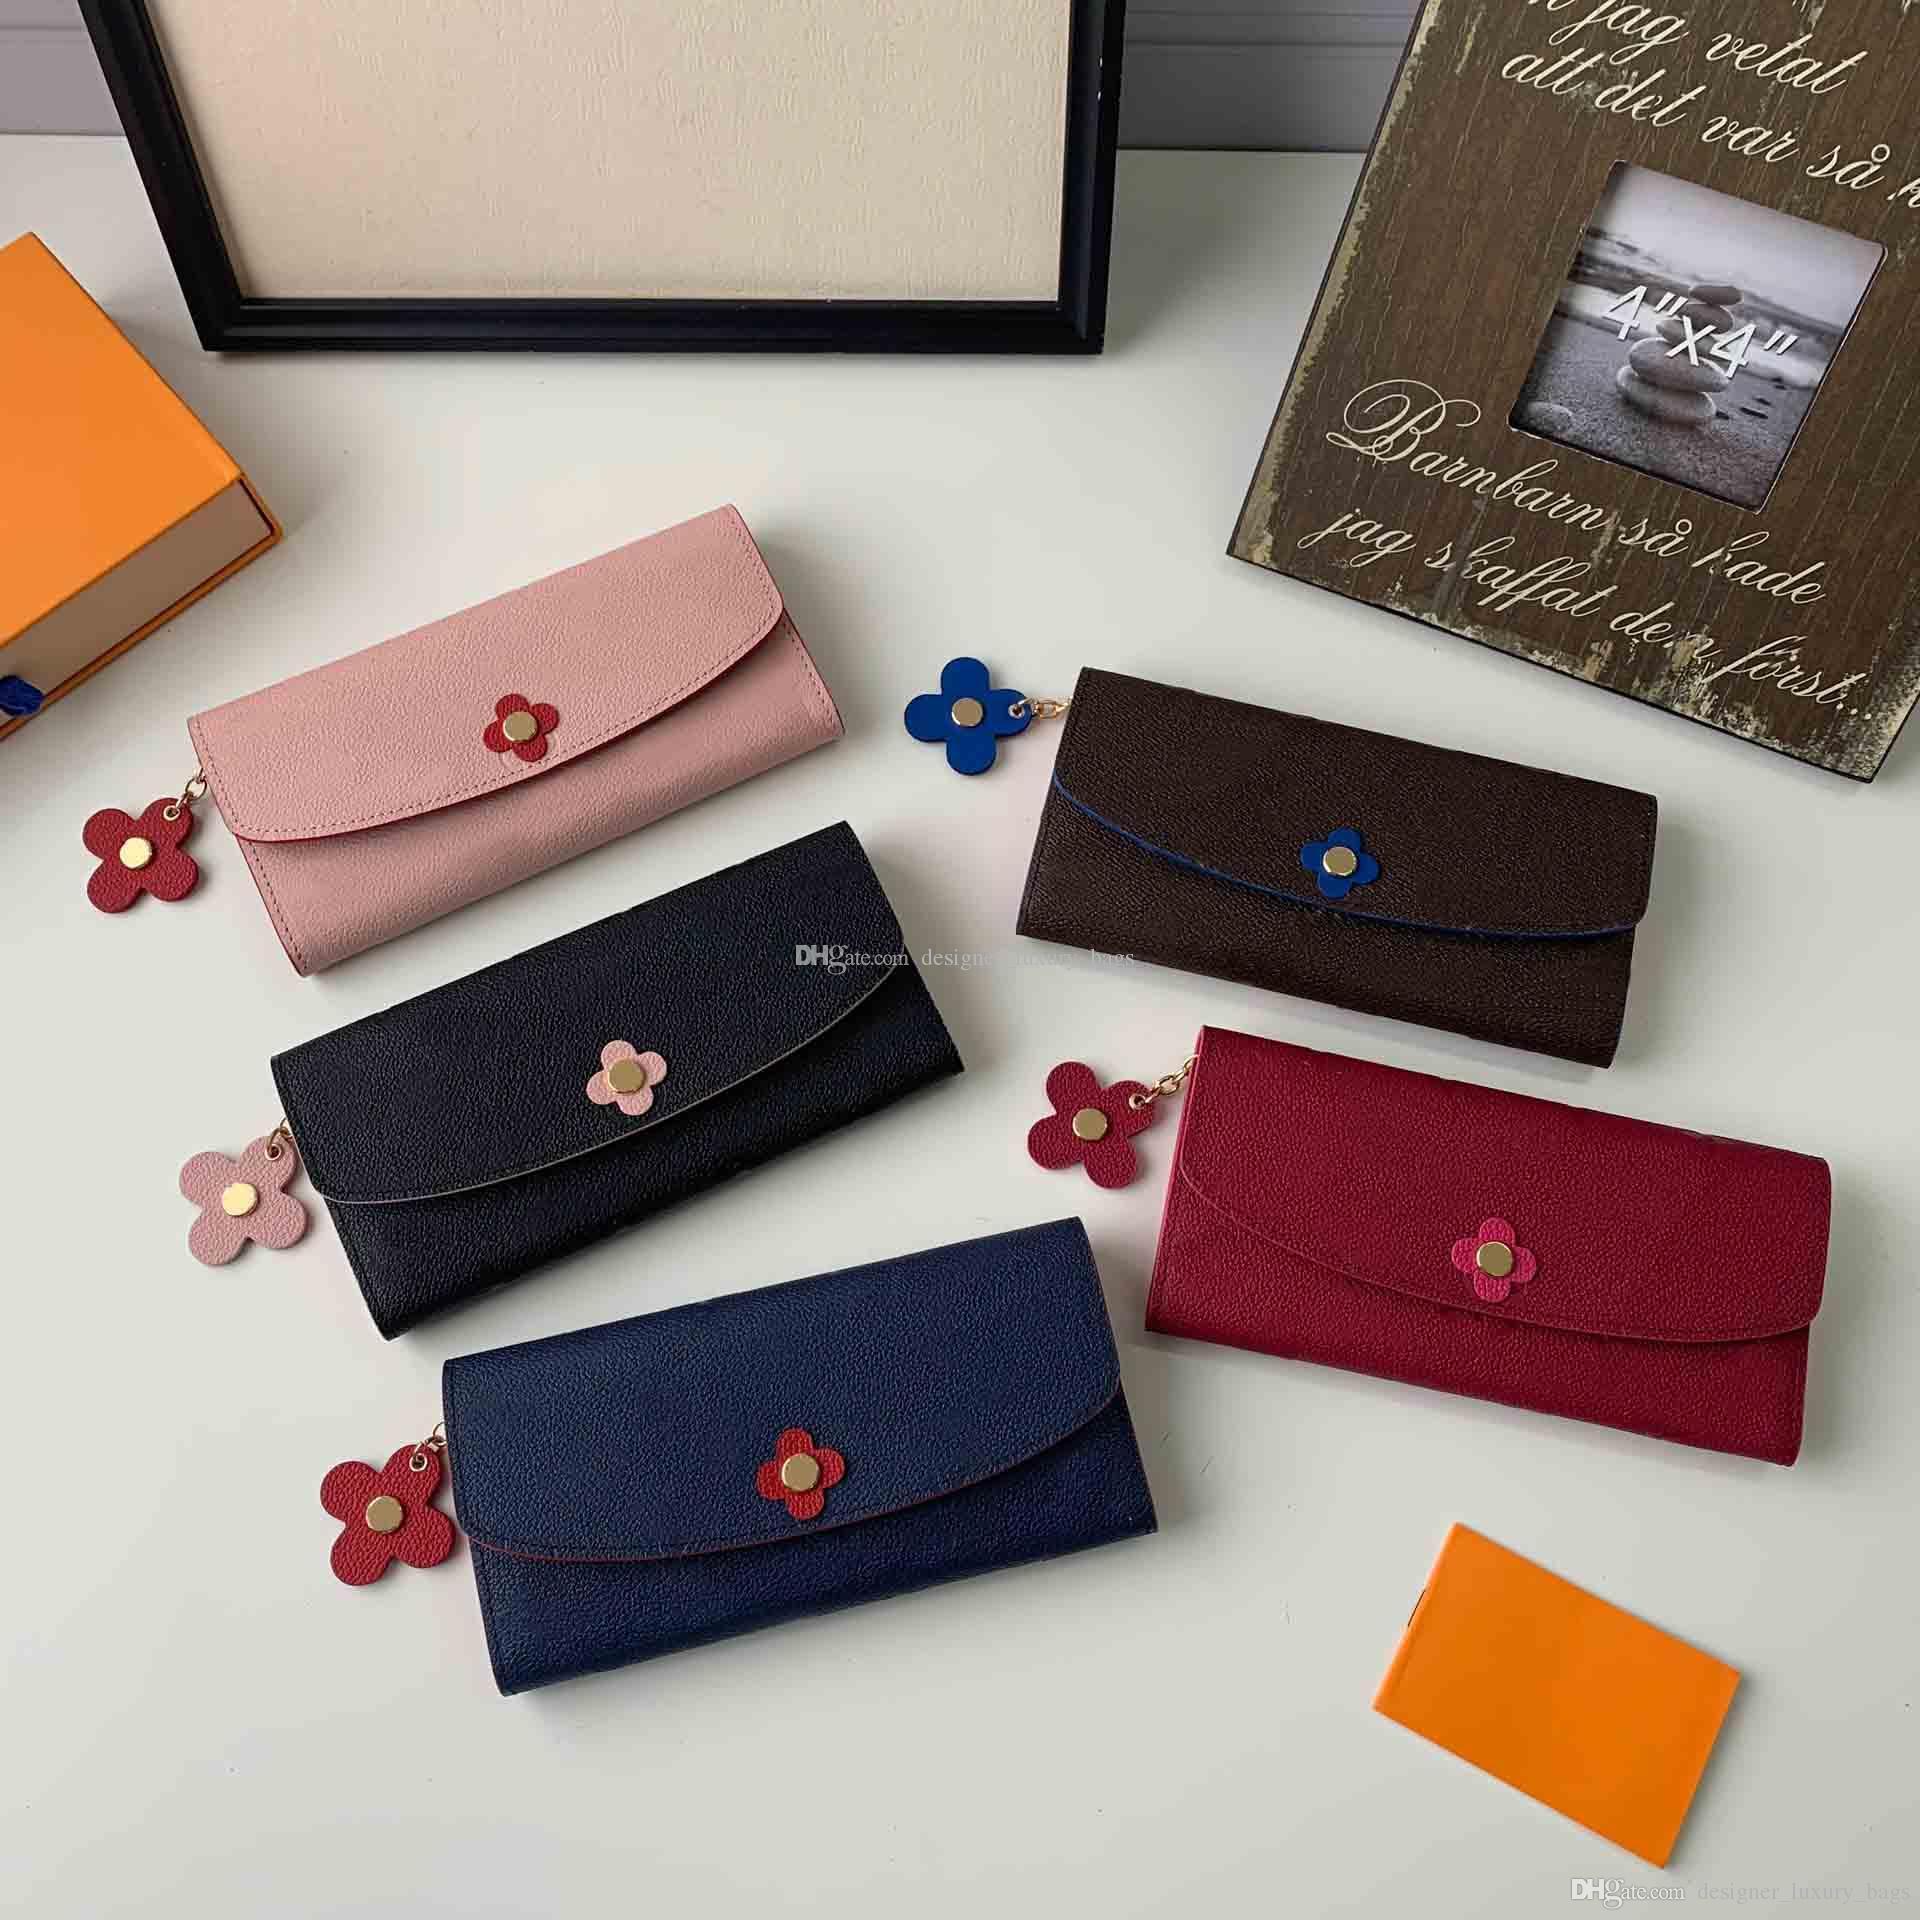 Fashion Luxury designer wallet coin purse 2019 new fashion flower print women wallet pochette luxury wallet